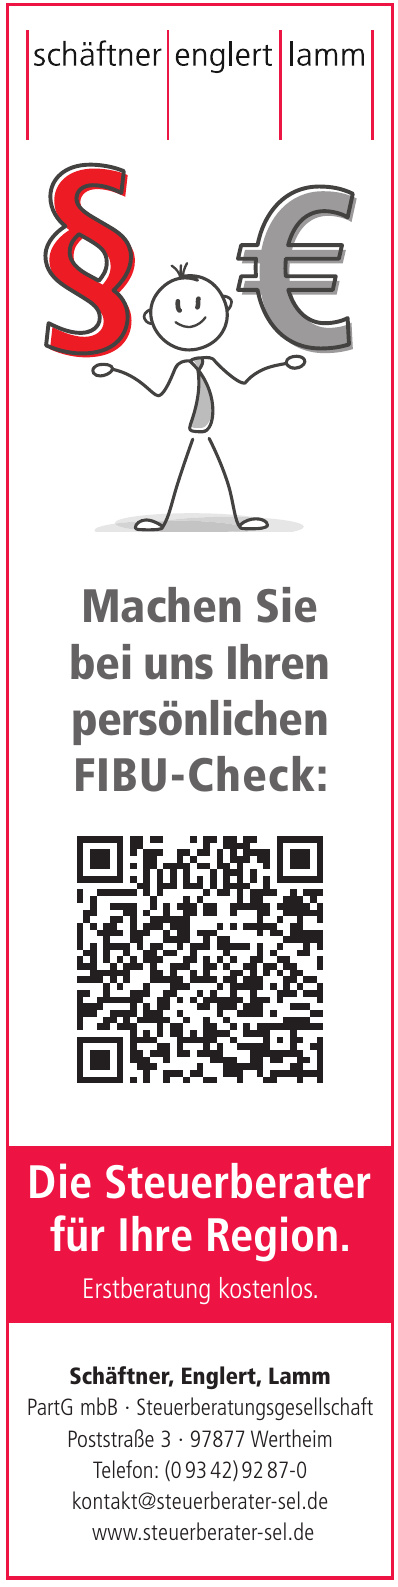 Schäftner, Englert, Lamm PartG mbB - Steuerberatungsgesellschaft